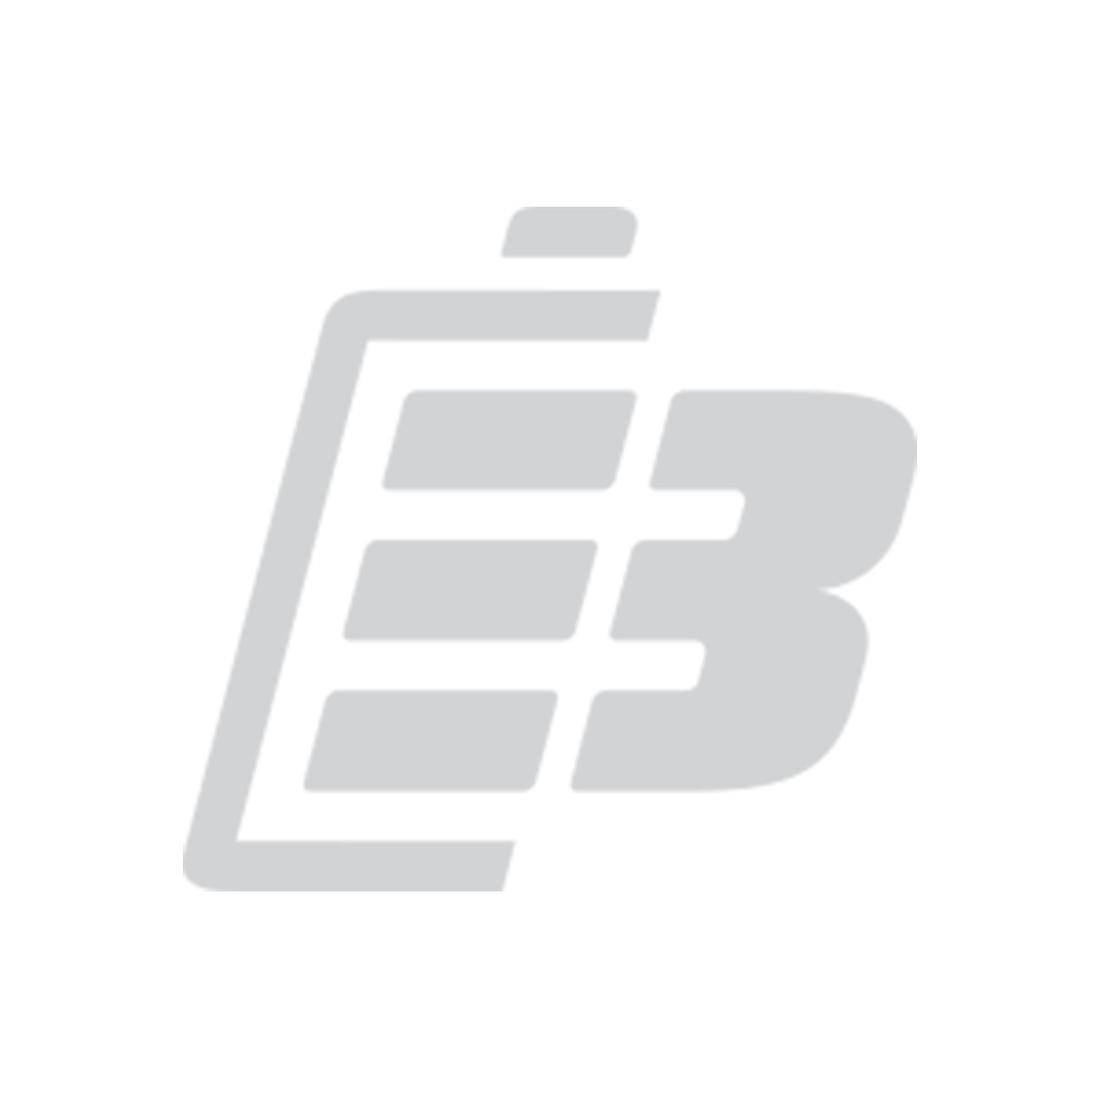 Μπαταρία raid controler Dell PowerEdge 1900_1